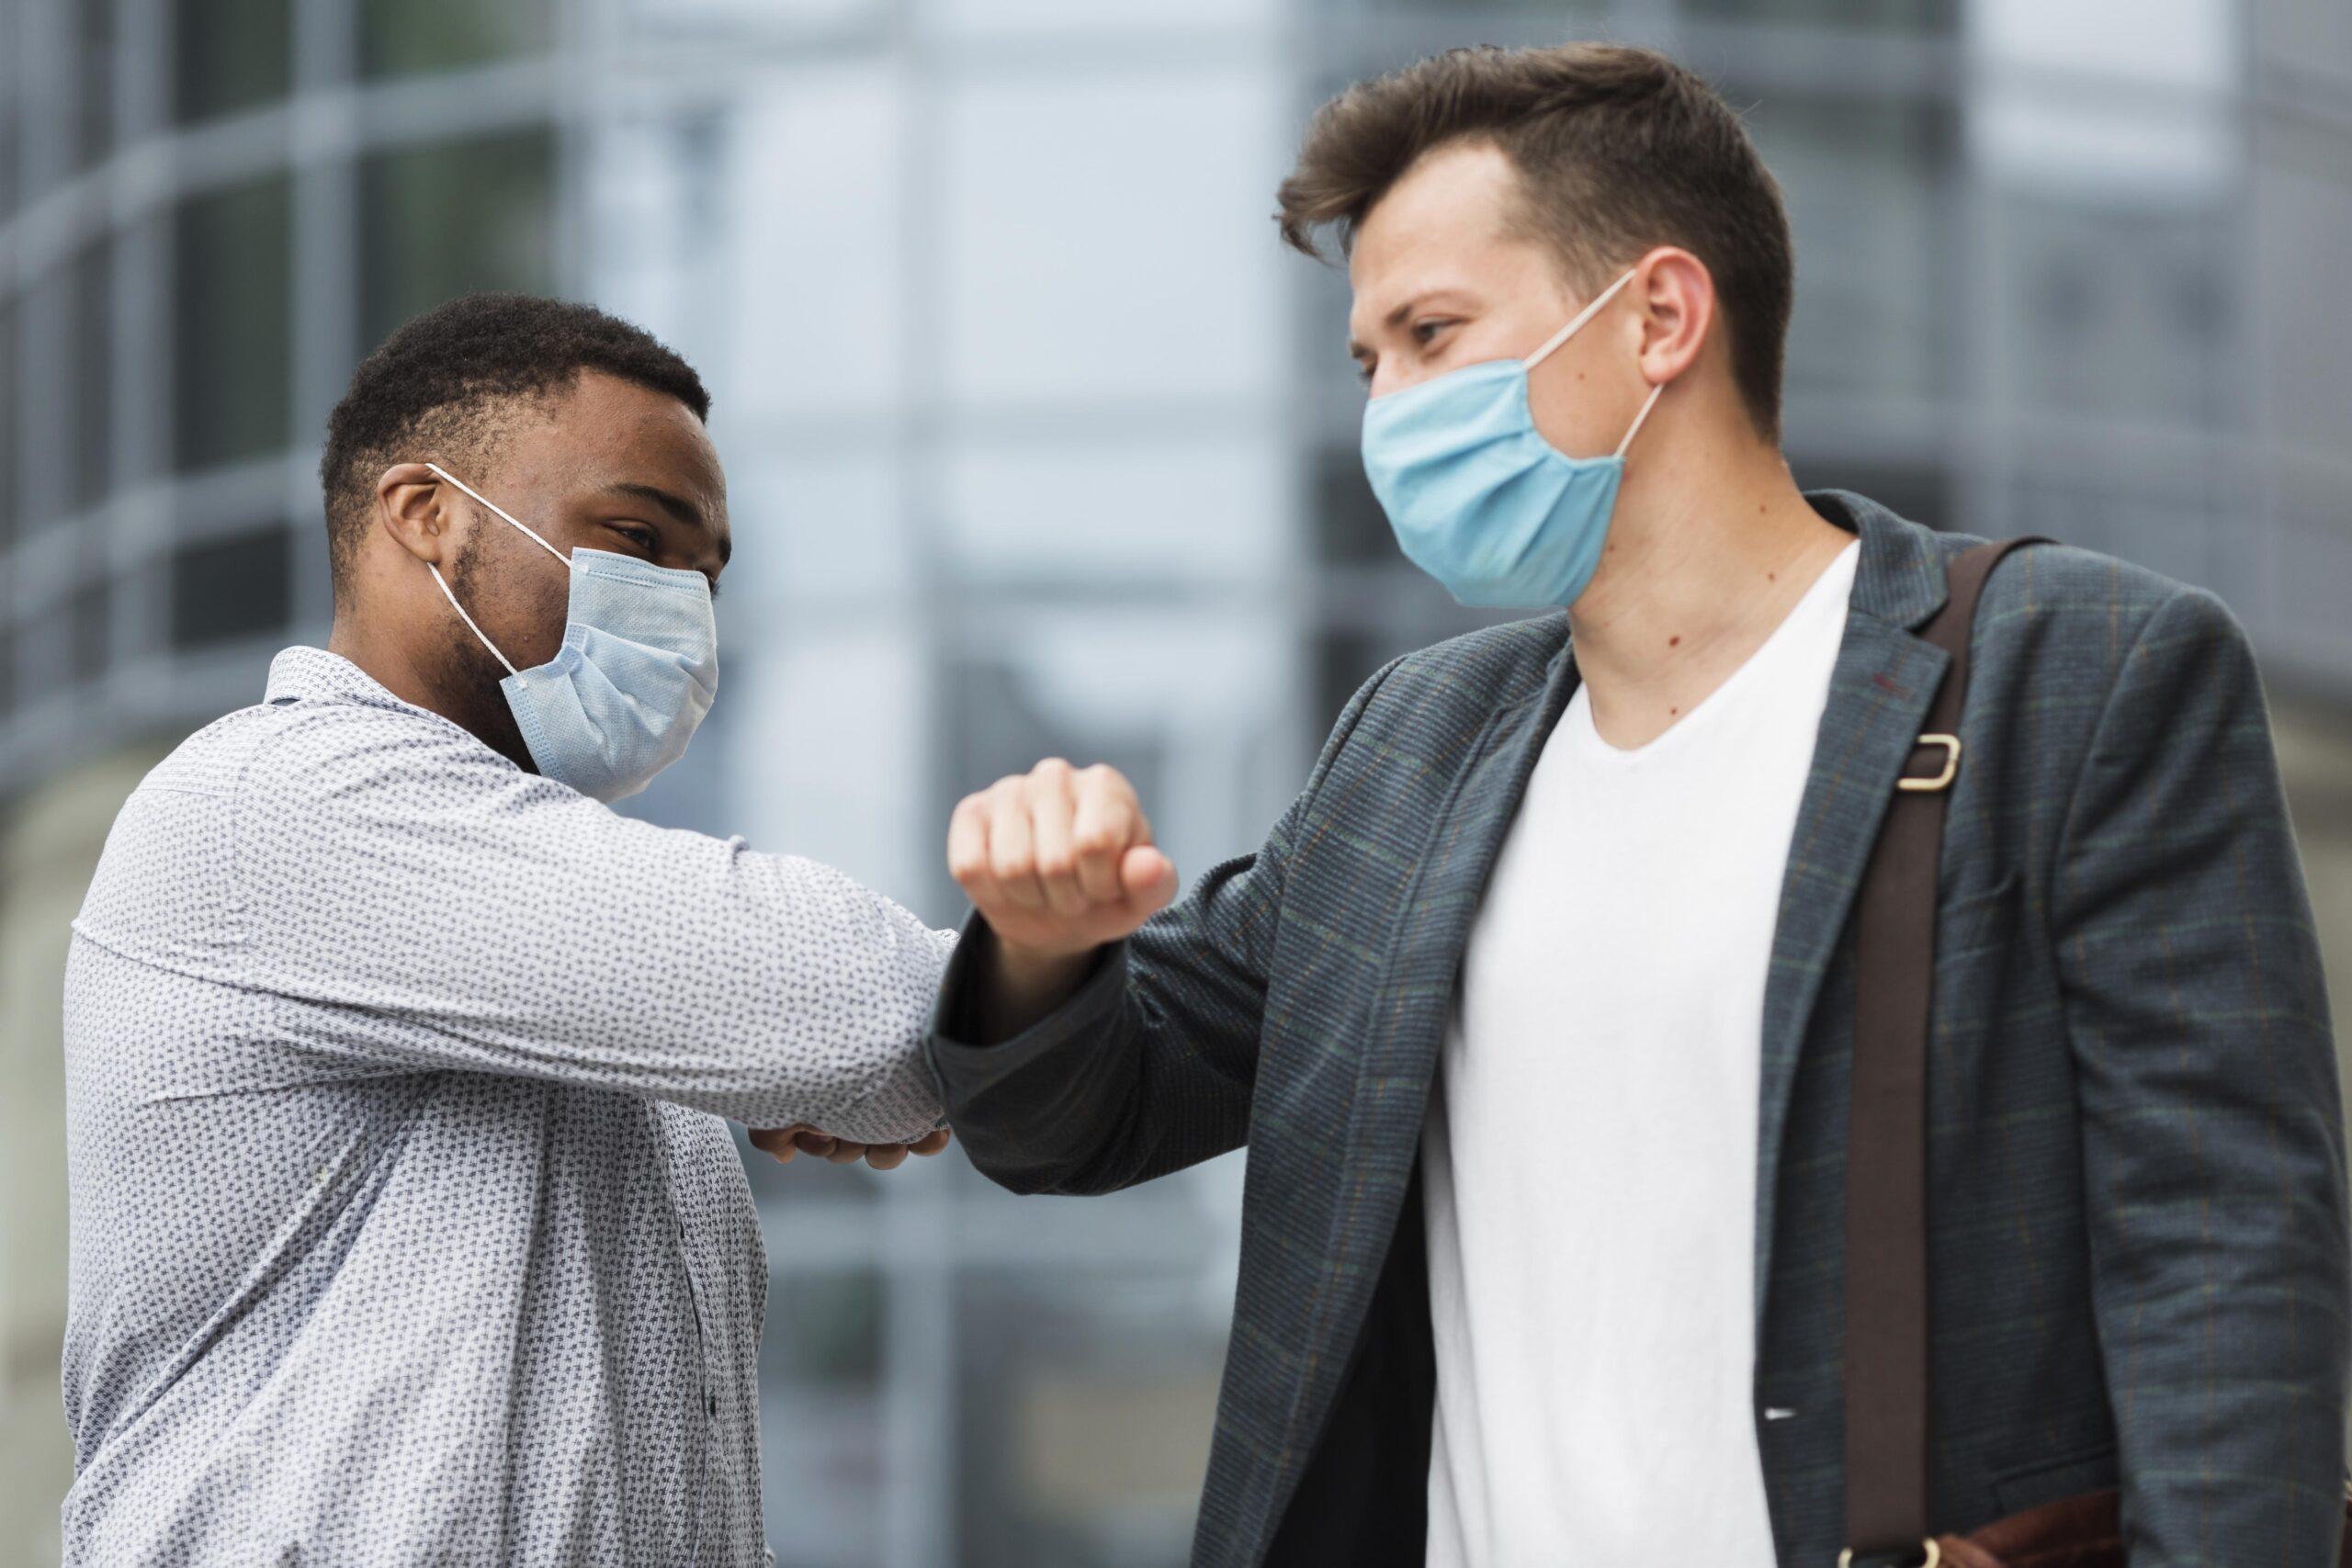 En este momento estás viendo Saludar con el codo, limpiar la compra, desinfectar las suelas,… ¿Aún sigue siendo efectivo contra el coronavirus?